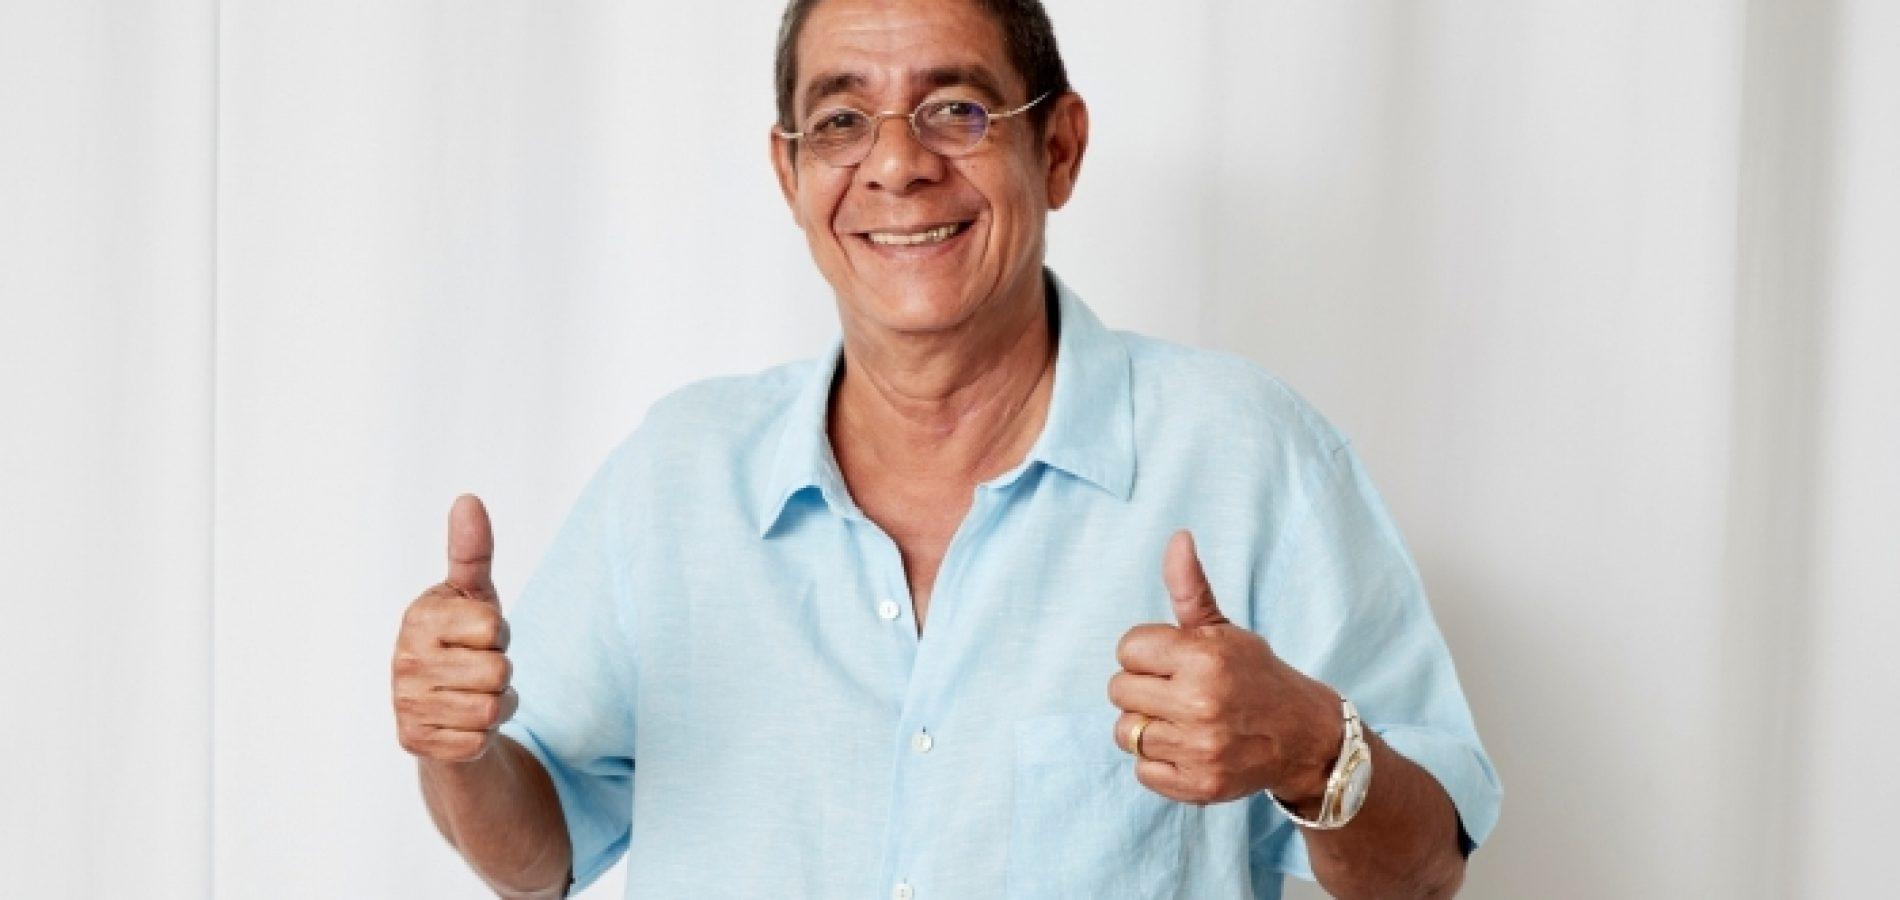 'Estou bem vivo!', esclarece Zeca Pagodinho após boatos de morte